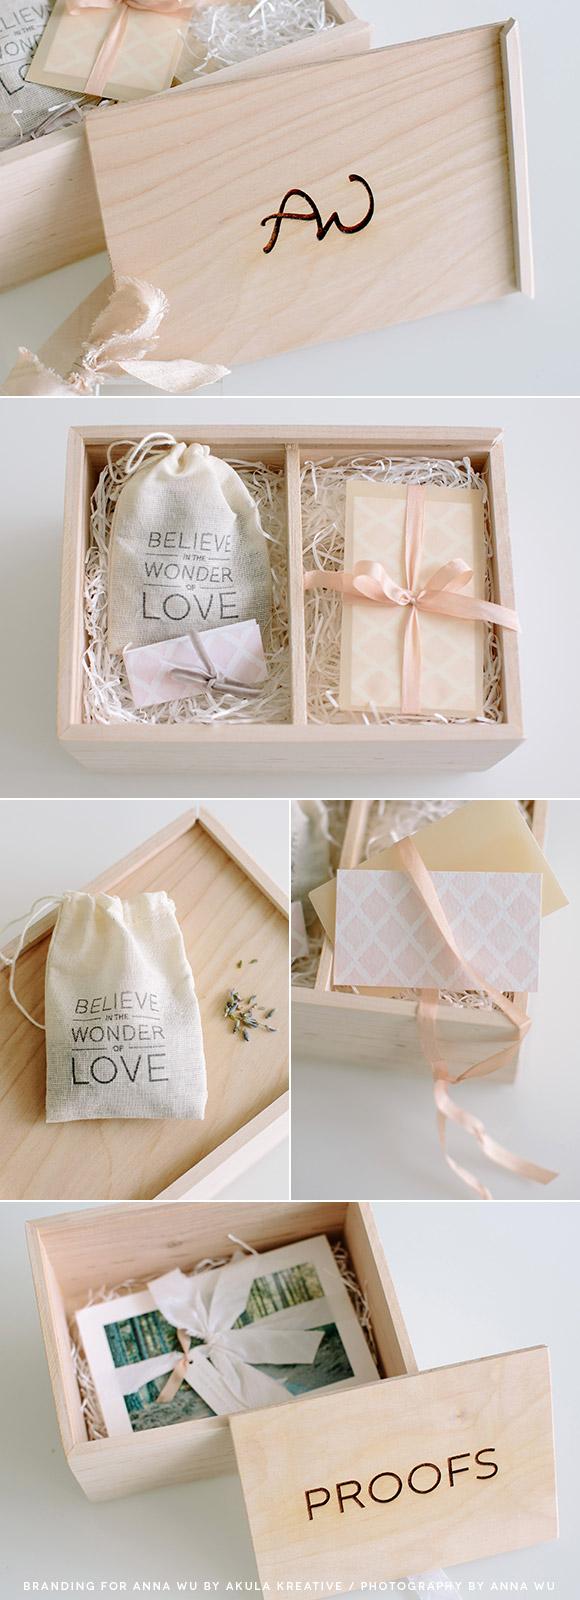 Custom Photography Packaging for Anna Wu // Akula Kreative